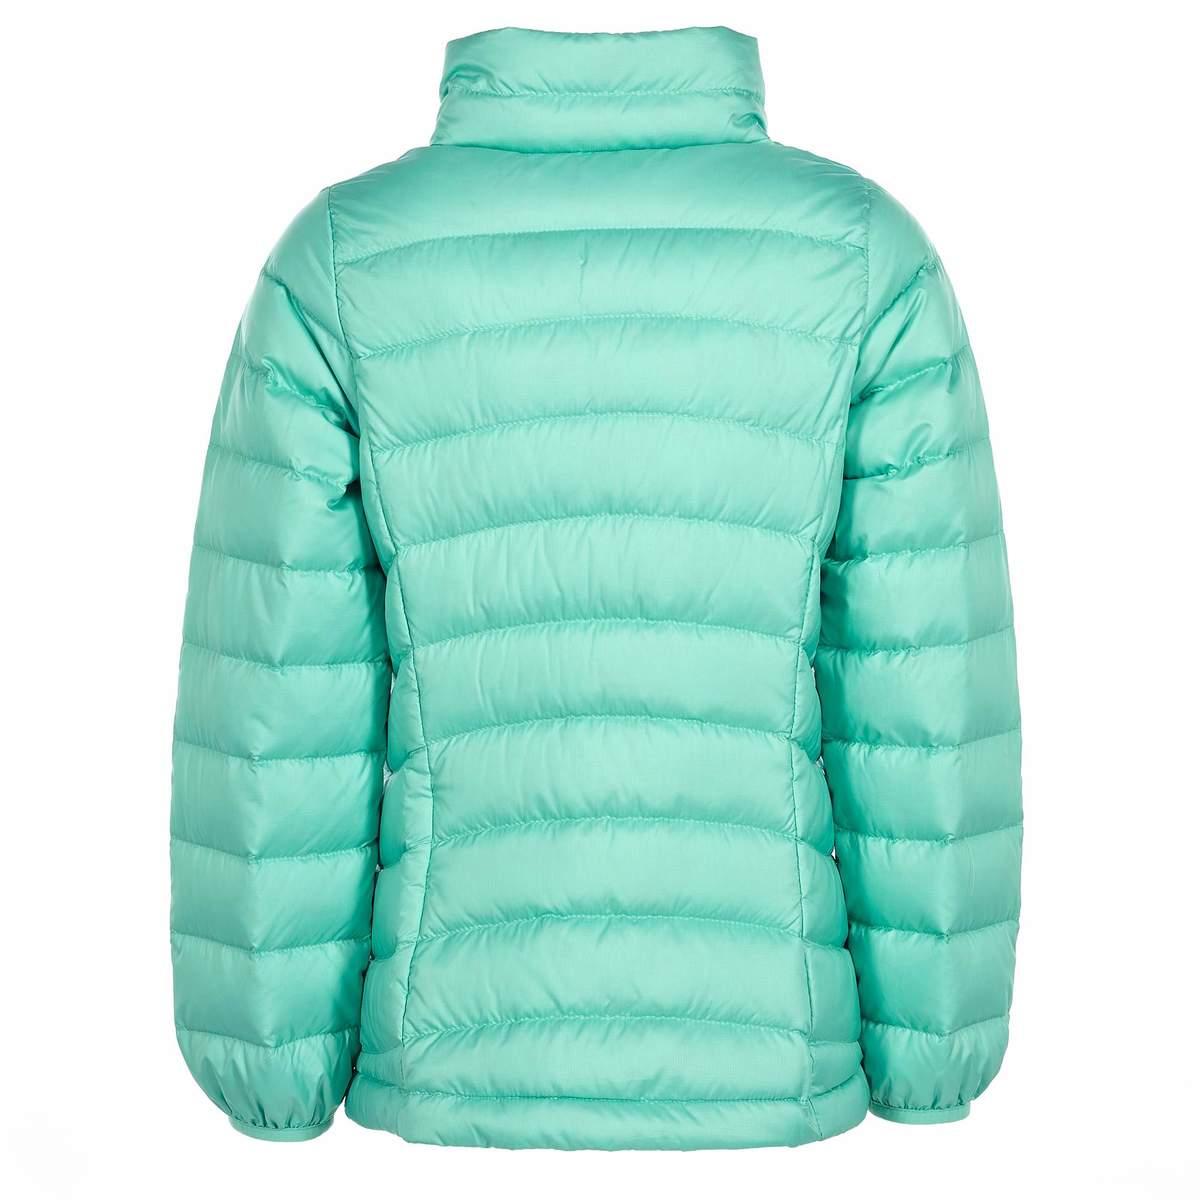 Bild 2 von Patagonia Down Sweater Kinder - Daunenjacke